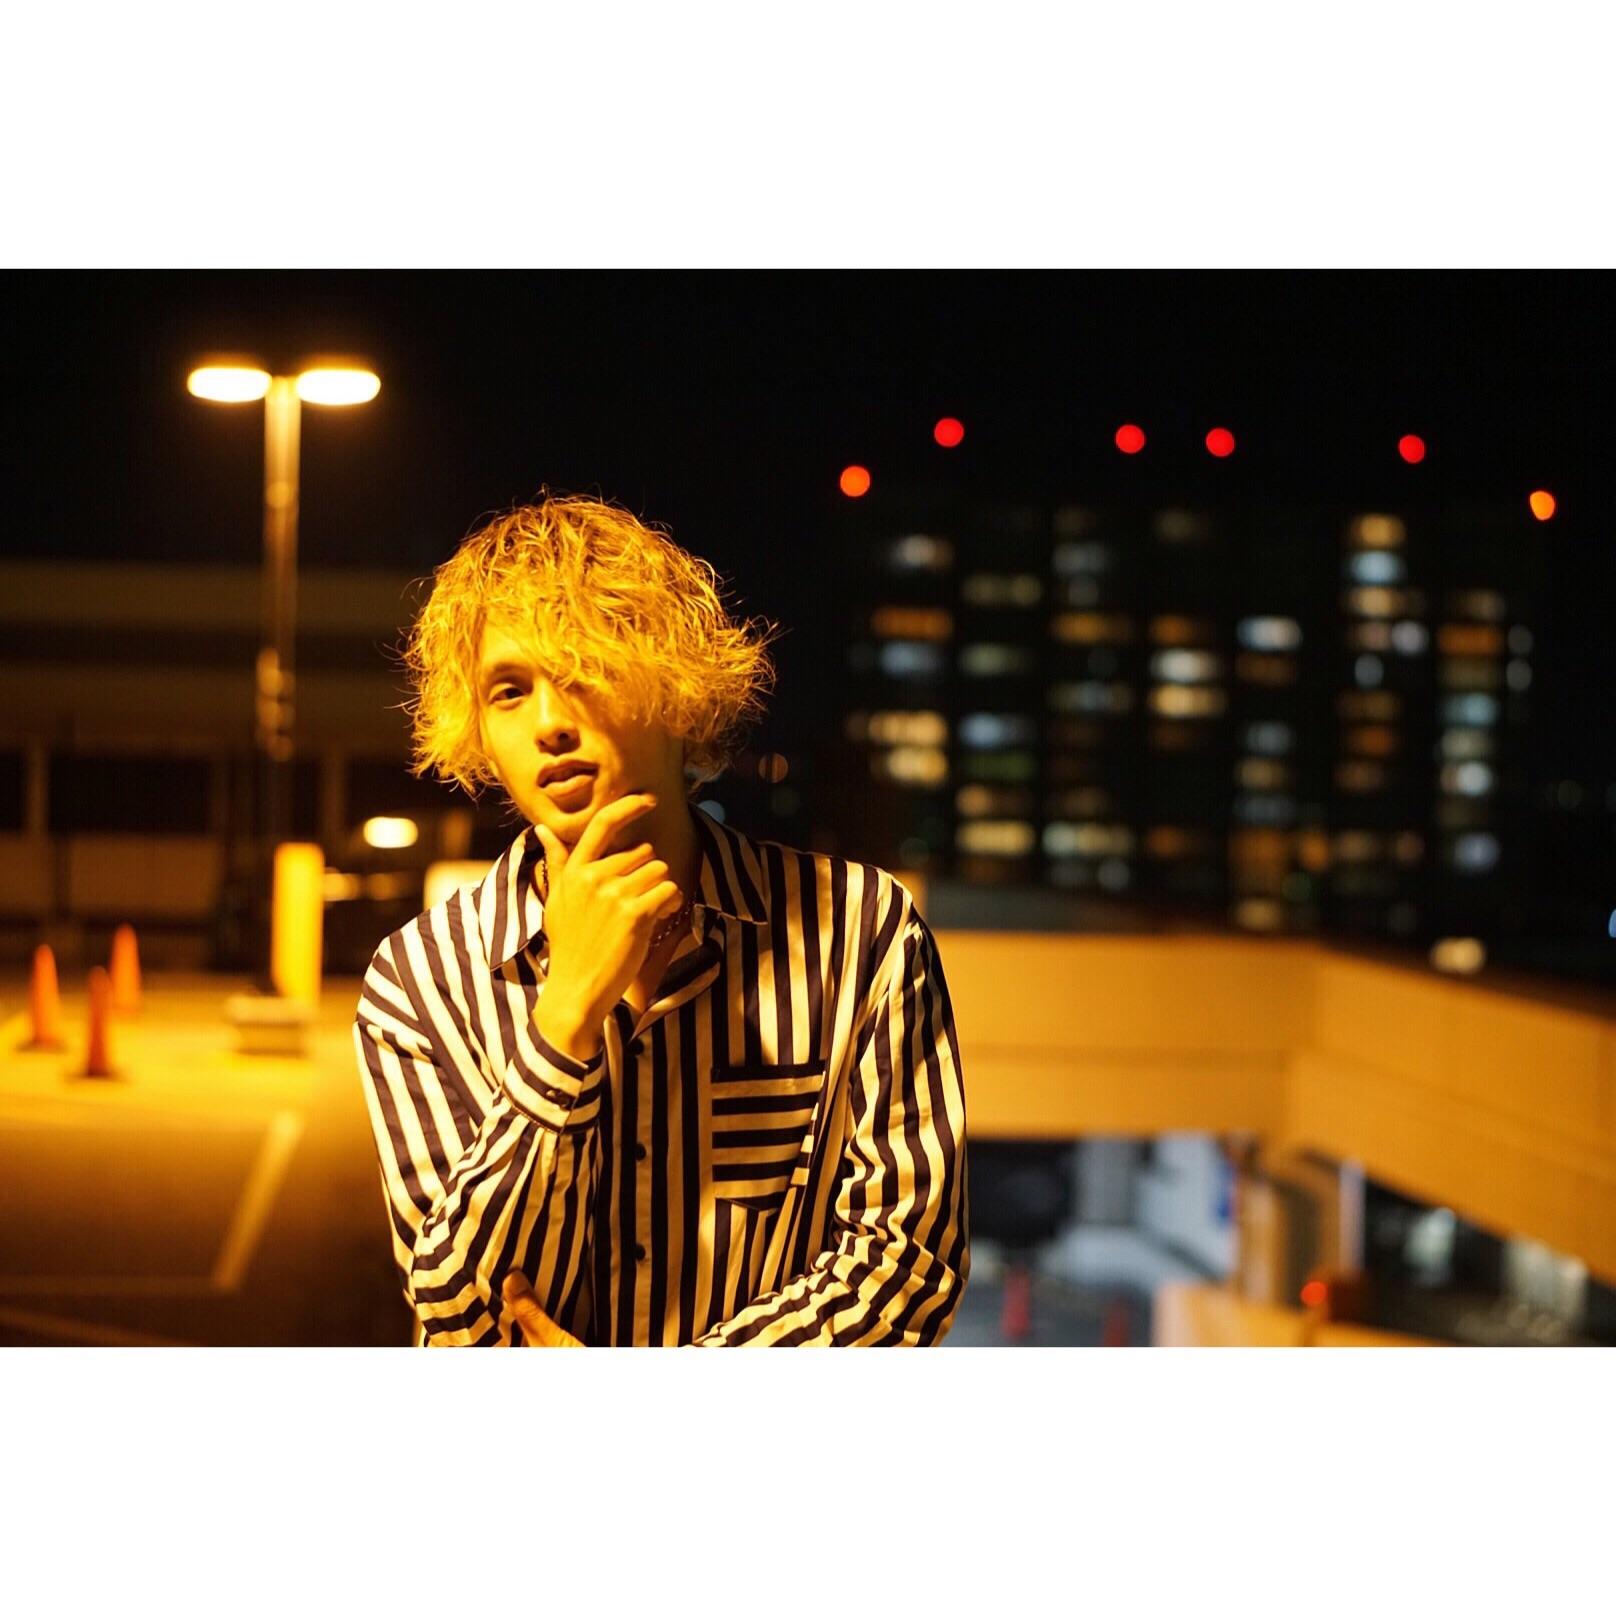 f:id:Yosuke0912:20180412145138j:image